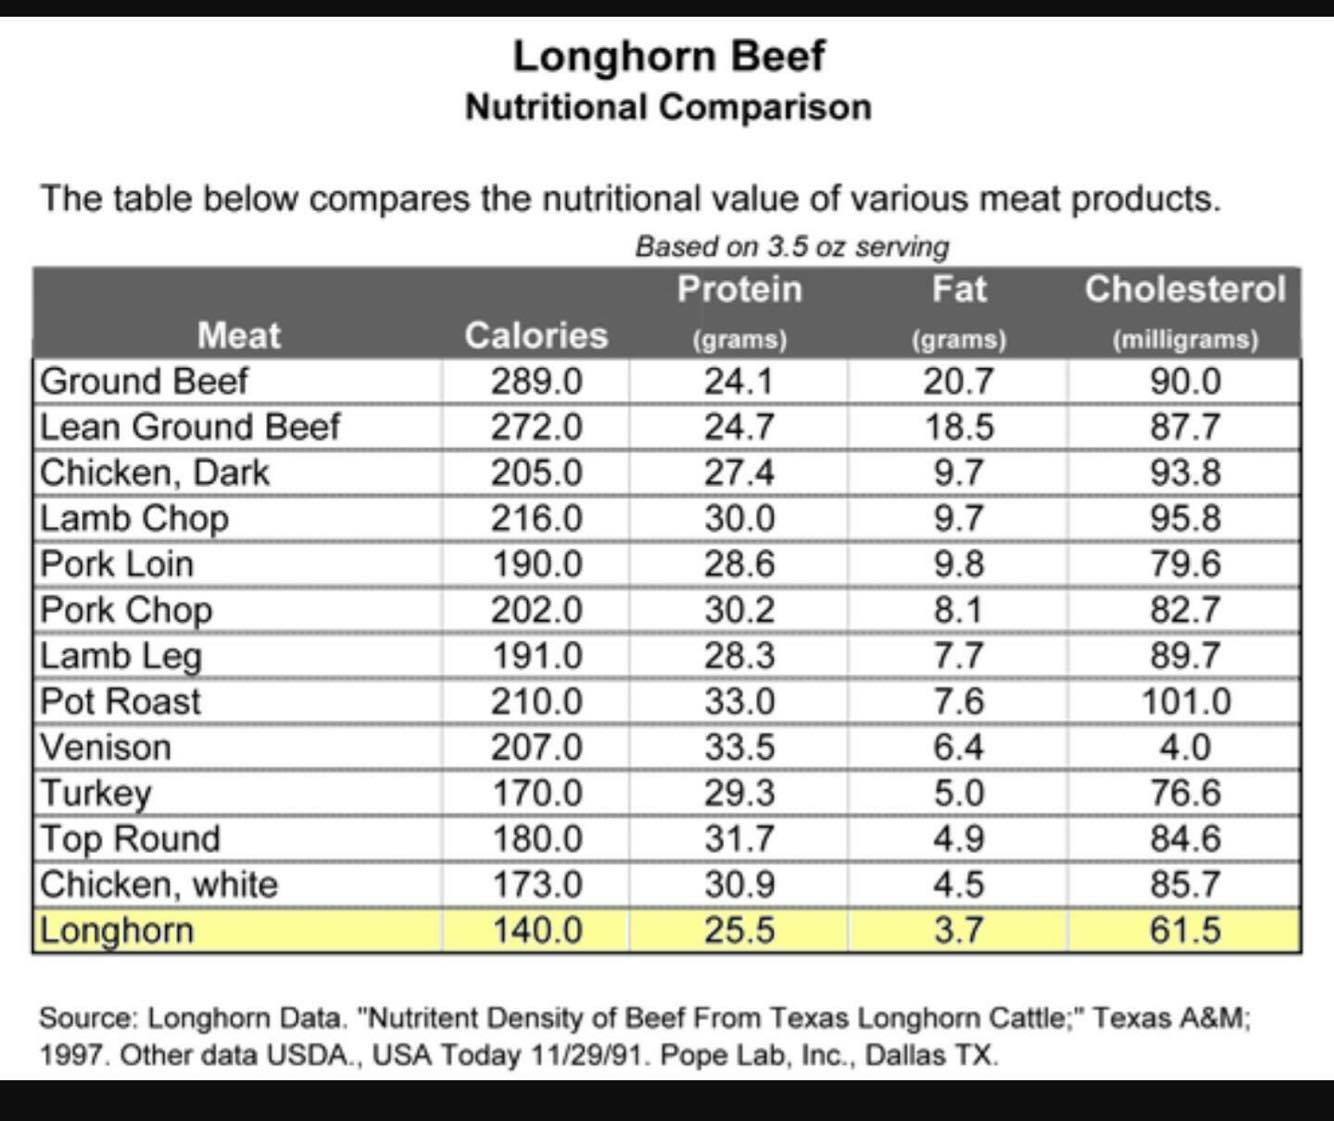 Longhorn Beef